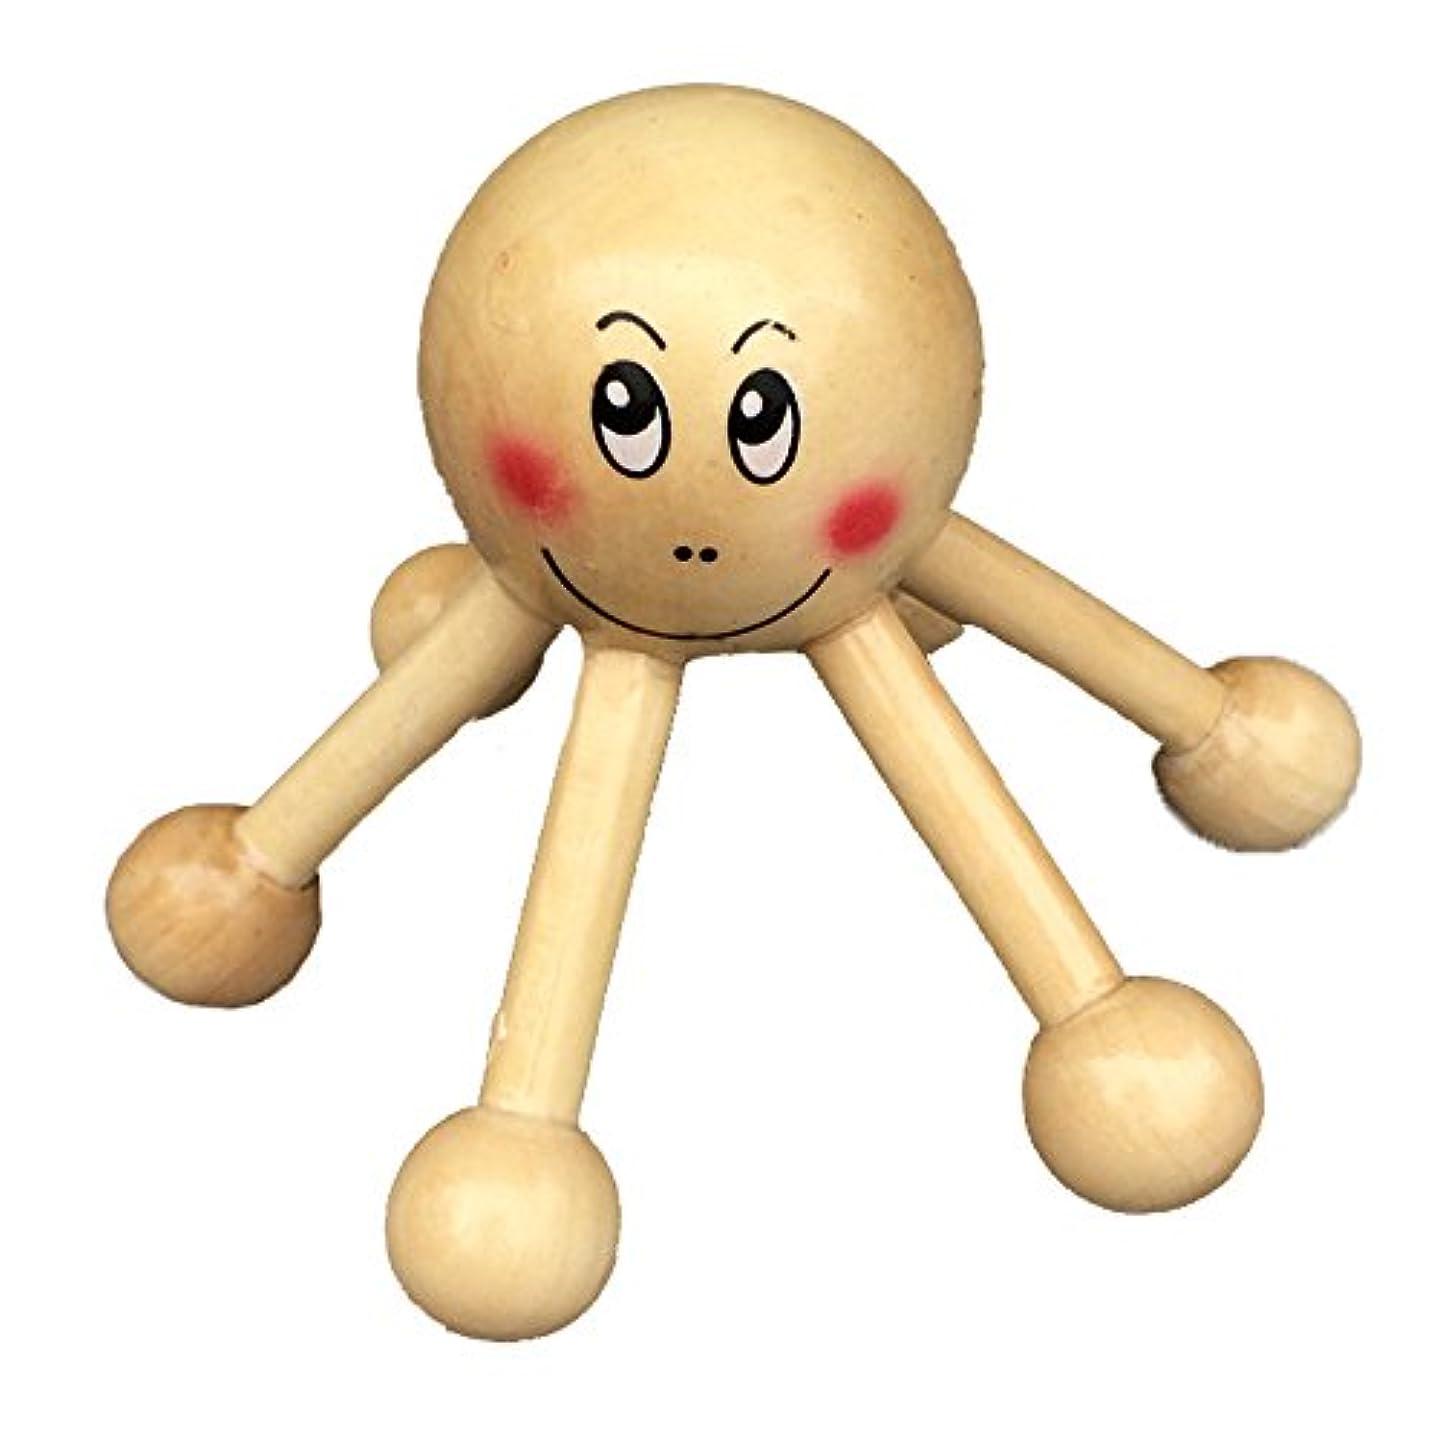 フルーツ進むジャグリングマッサージャー 木製 ヘキサゴンマッサージ 首 腰 足 バックと肩のマッサージ リラックス ツール